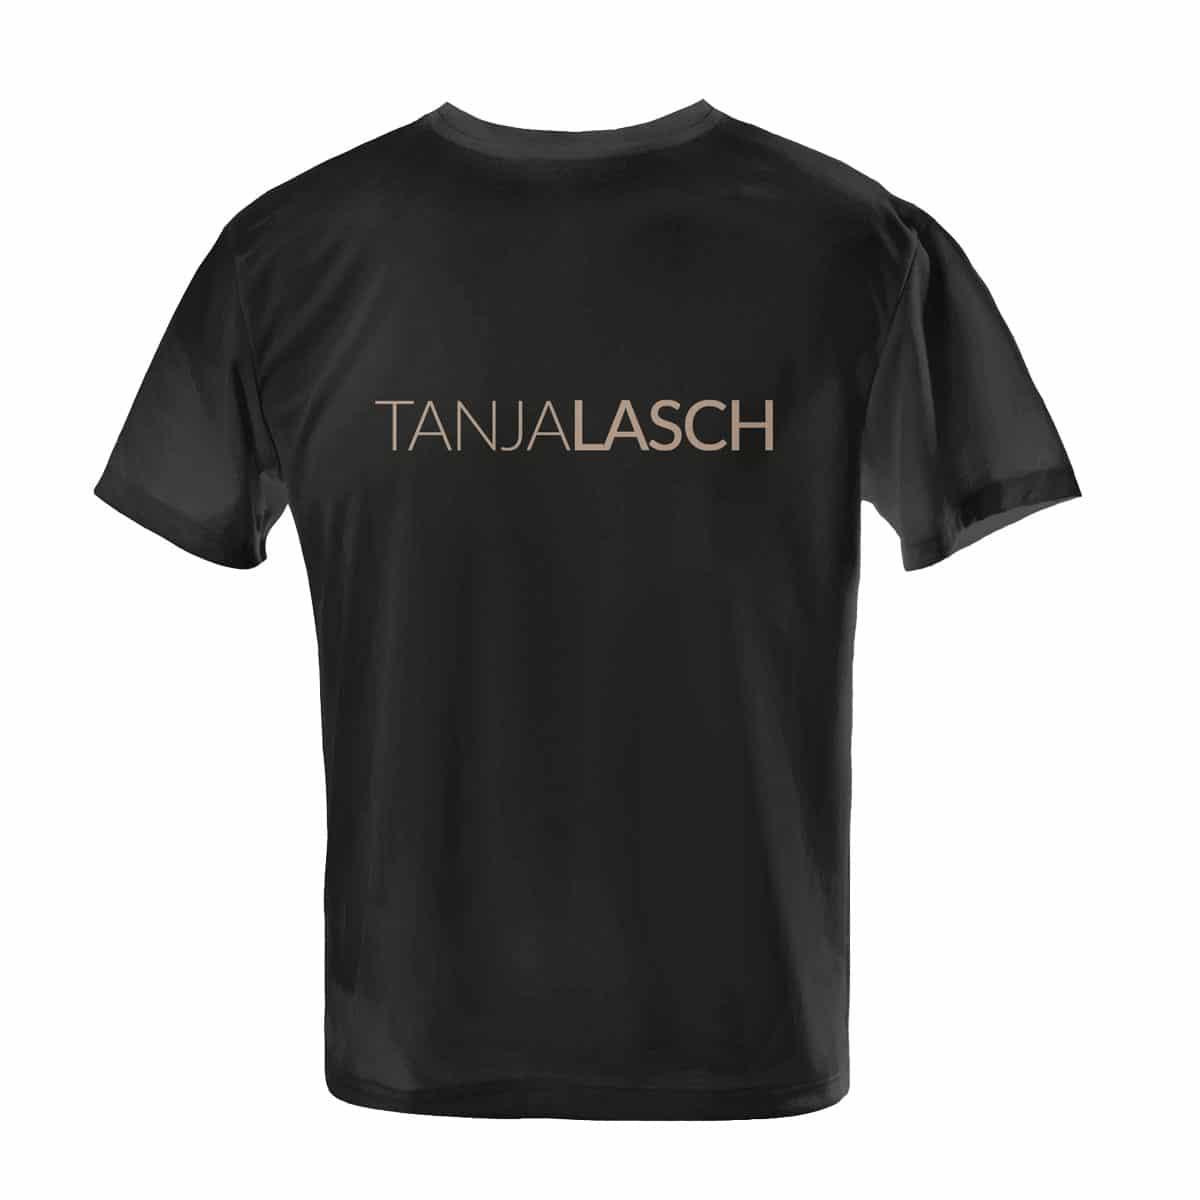 Tanja Lasch Herzkino T-Shirt schwarz